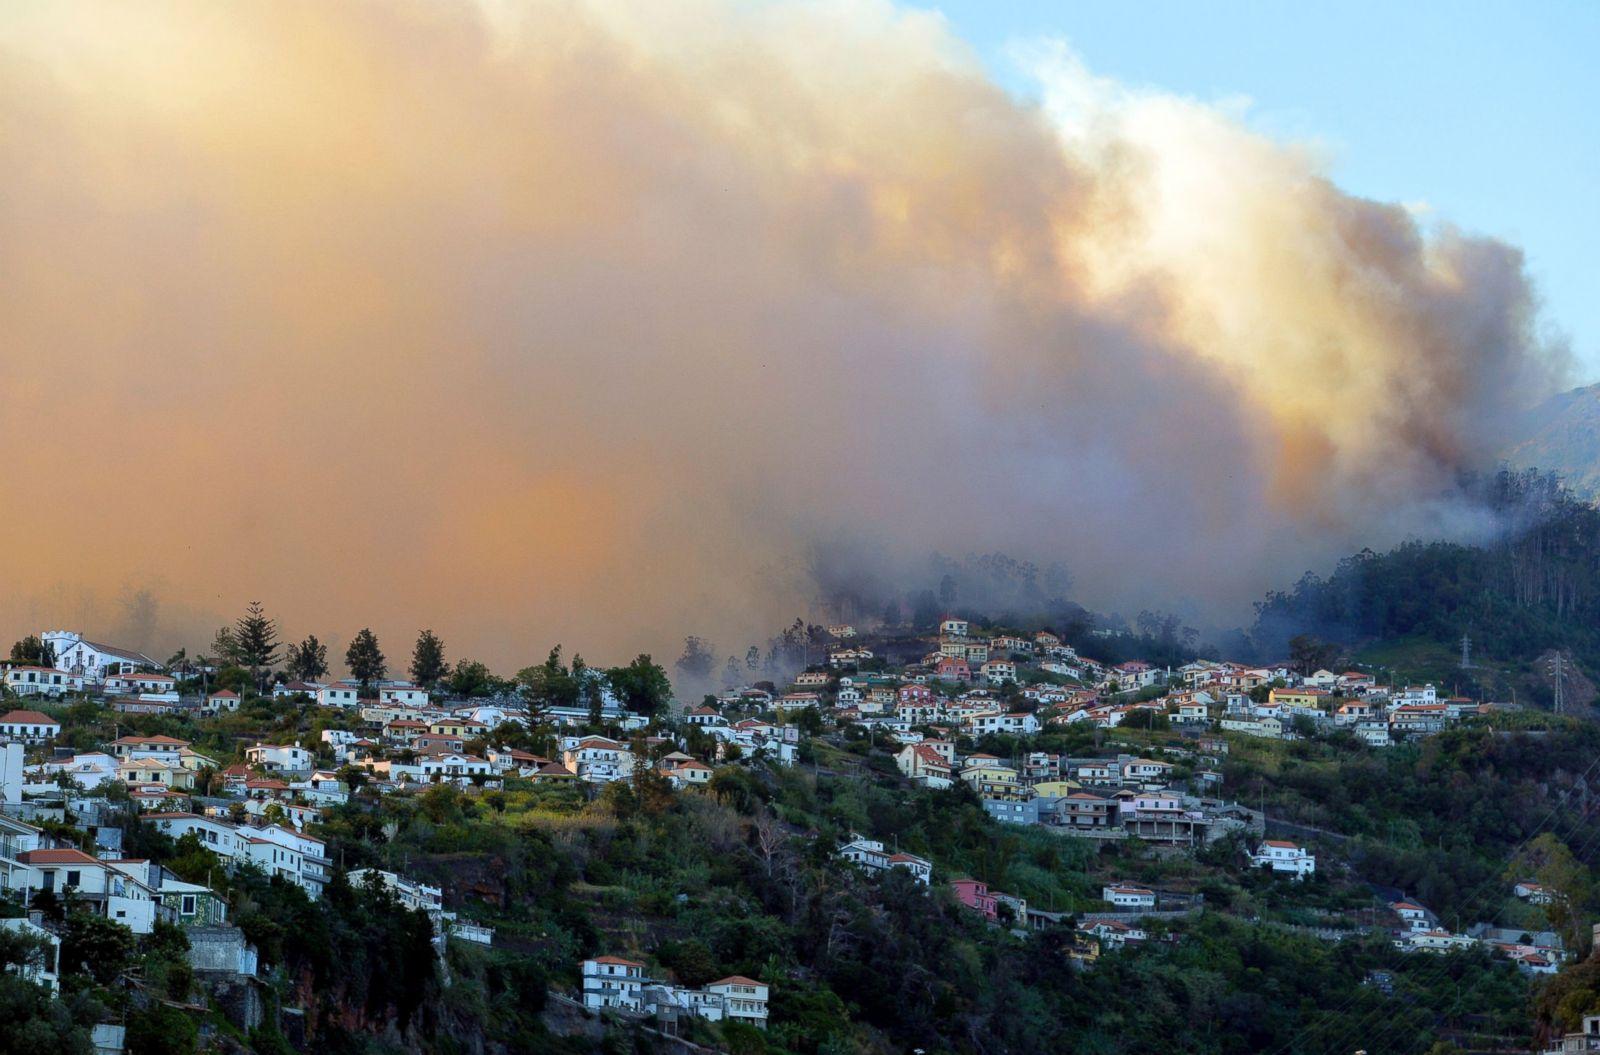 запросу шуба португалия пожары фото скучно